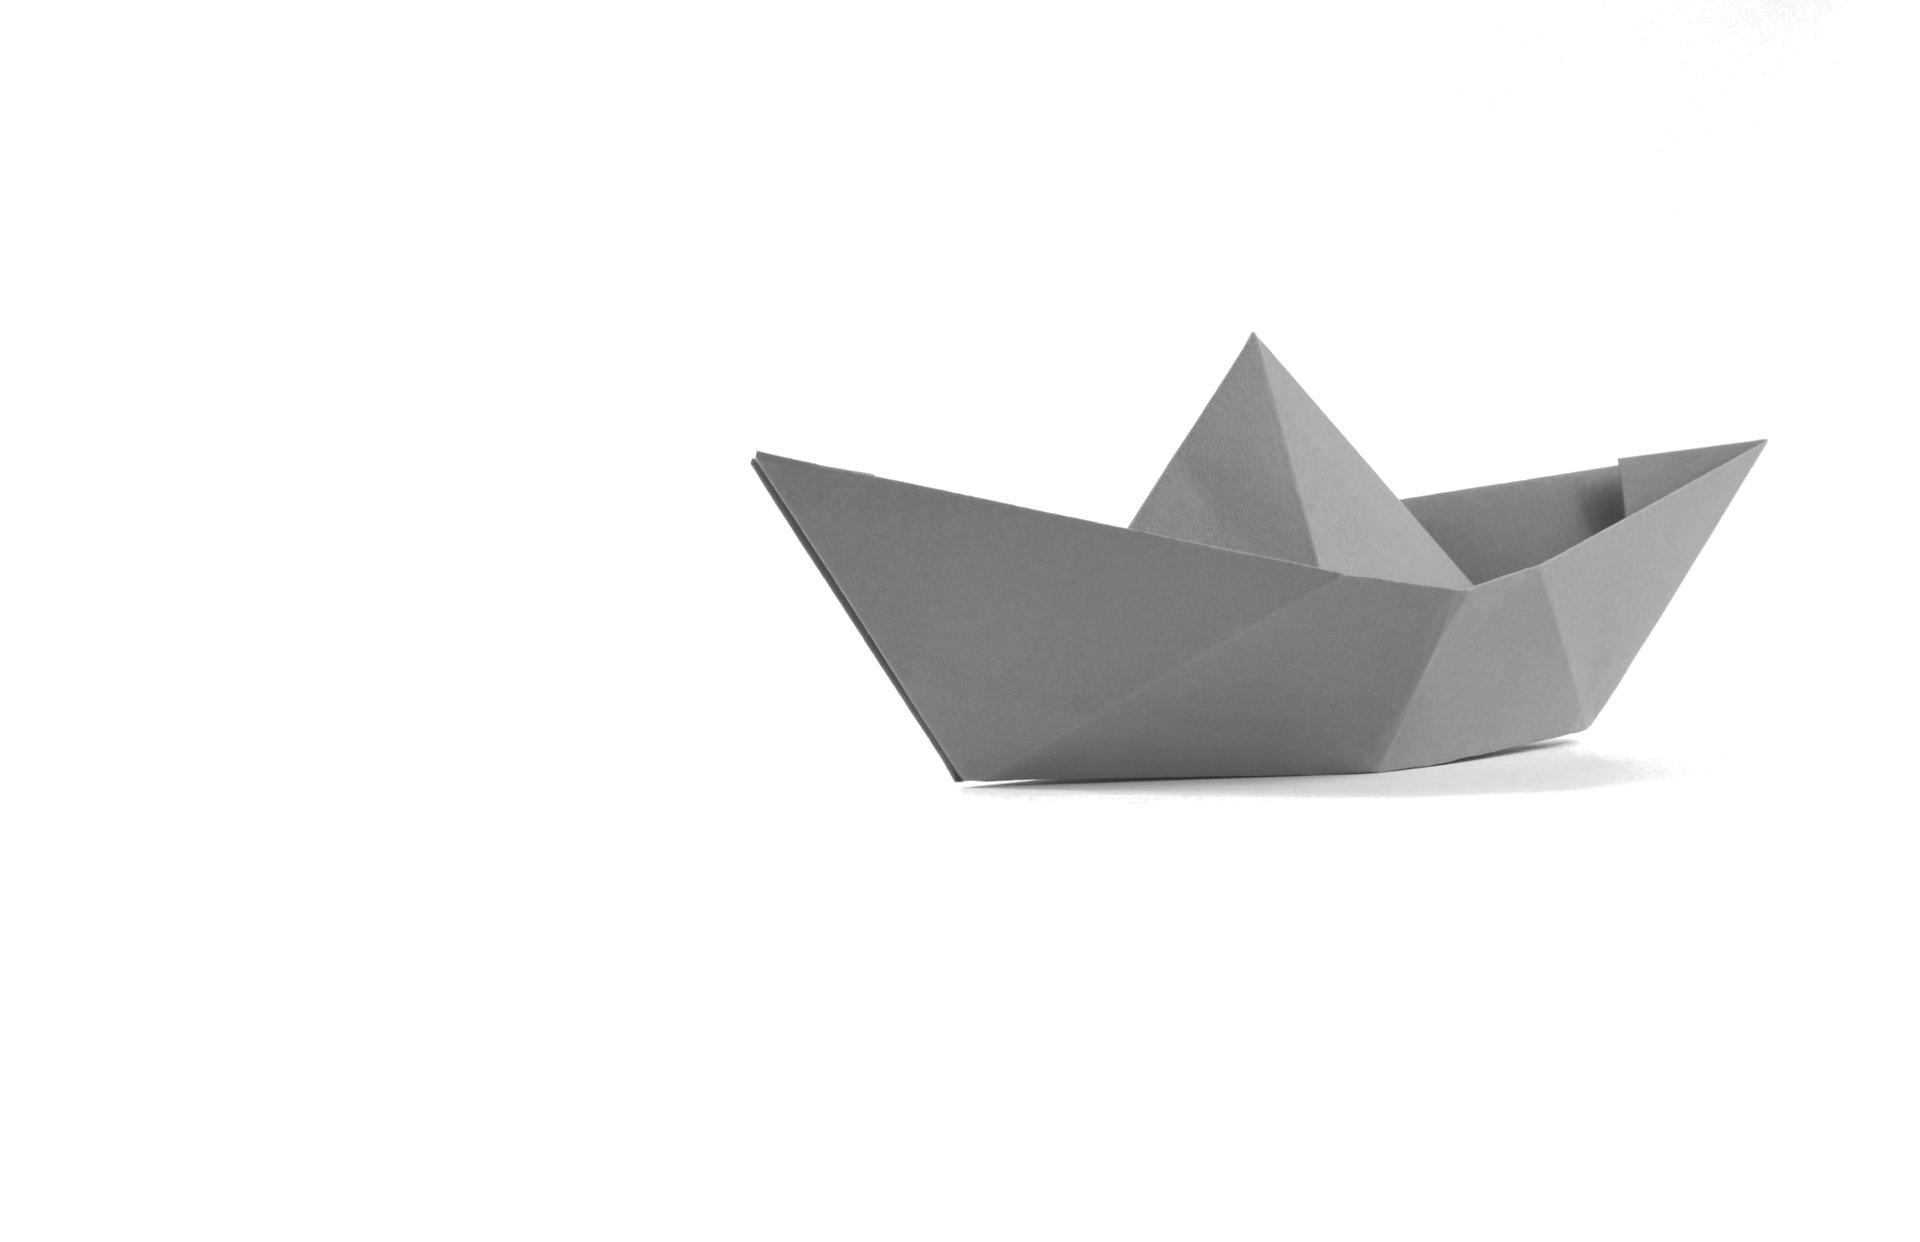 Origami rückwärts - Der Weg, um die persönlichen Potenziale eines Menschen schrittweise zu entfalten, ist selten ein kurzer Sprint.Meist braucht es schon etwas Zeit, um festgefahrene Muster und alte Gewohnheiten zu verändern. Es muss jedoch auch kein Marathon werden, wenn man dabei lösungsorientiert vorgeht.Wichtig ist, dass man bei einer Veränderung geduldig, gelassen und tolerant ist – vor allem mit sich selbst. Dann kann plötzlich auch sehr schnell sehr viel geschehen.